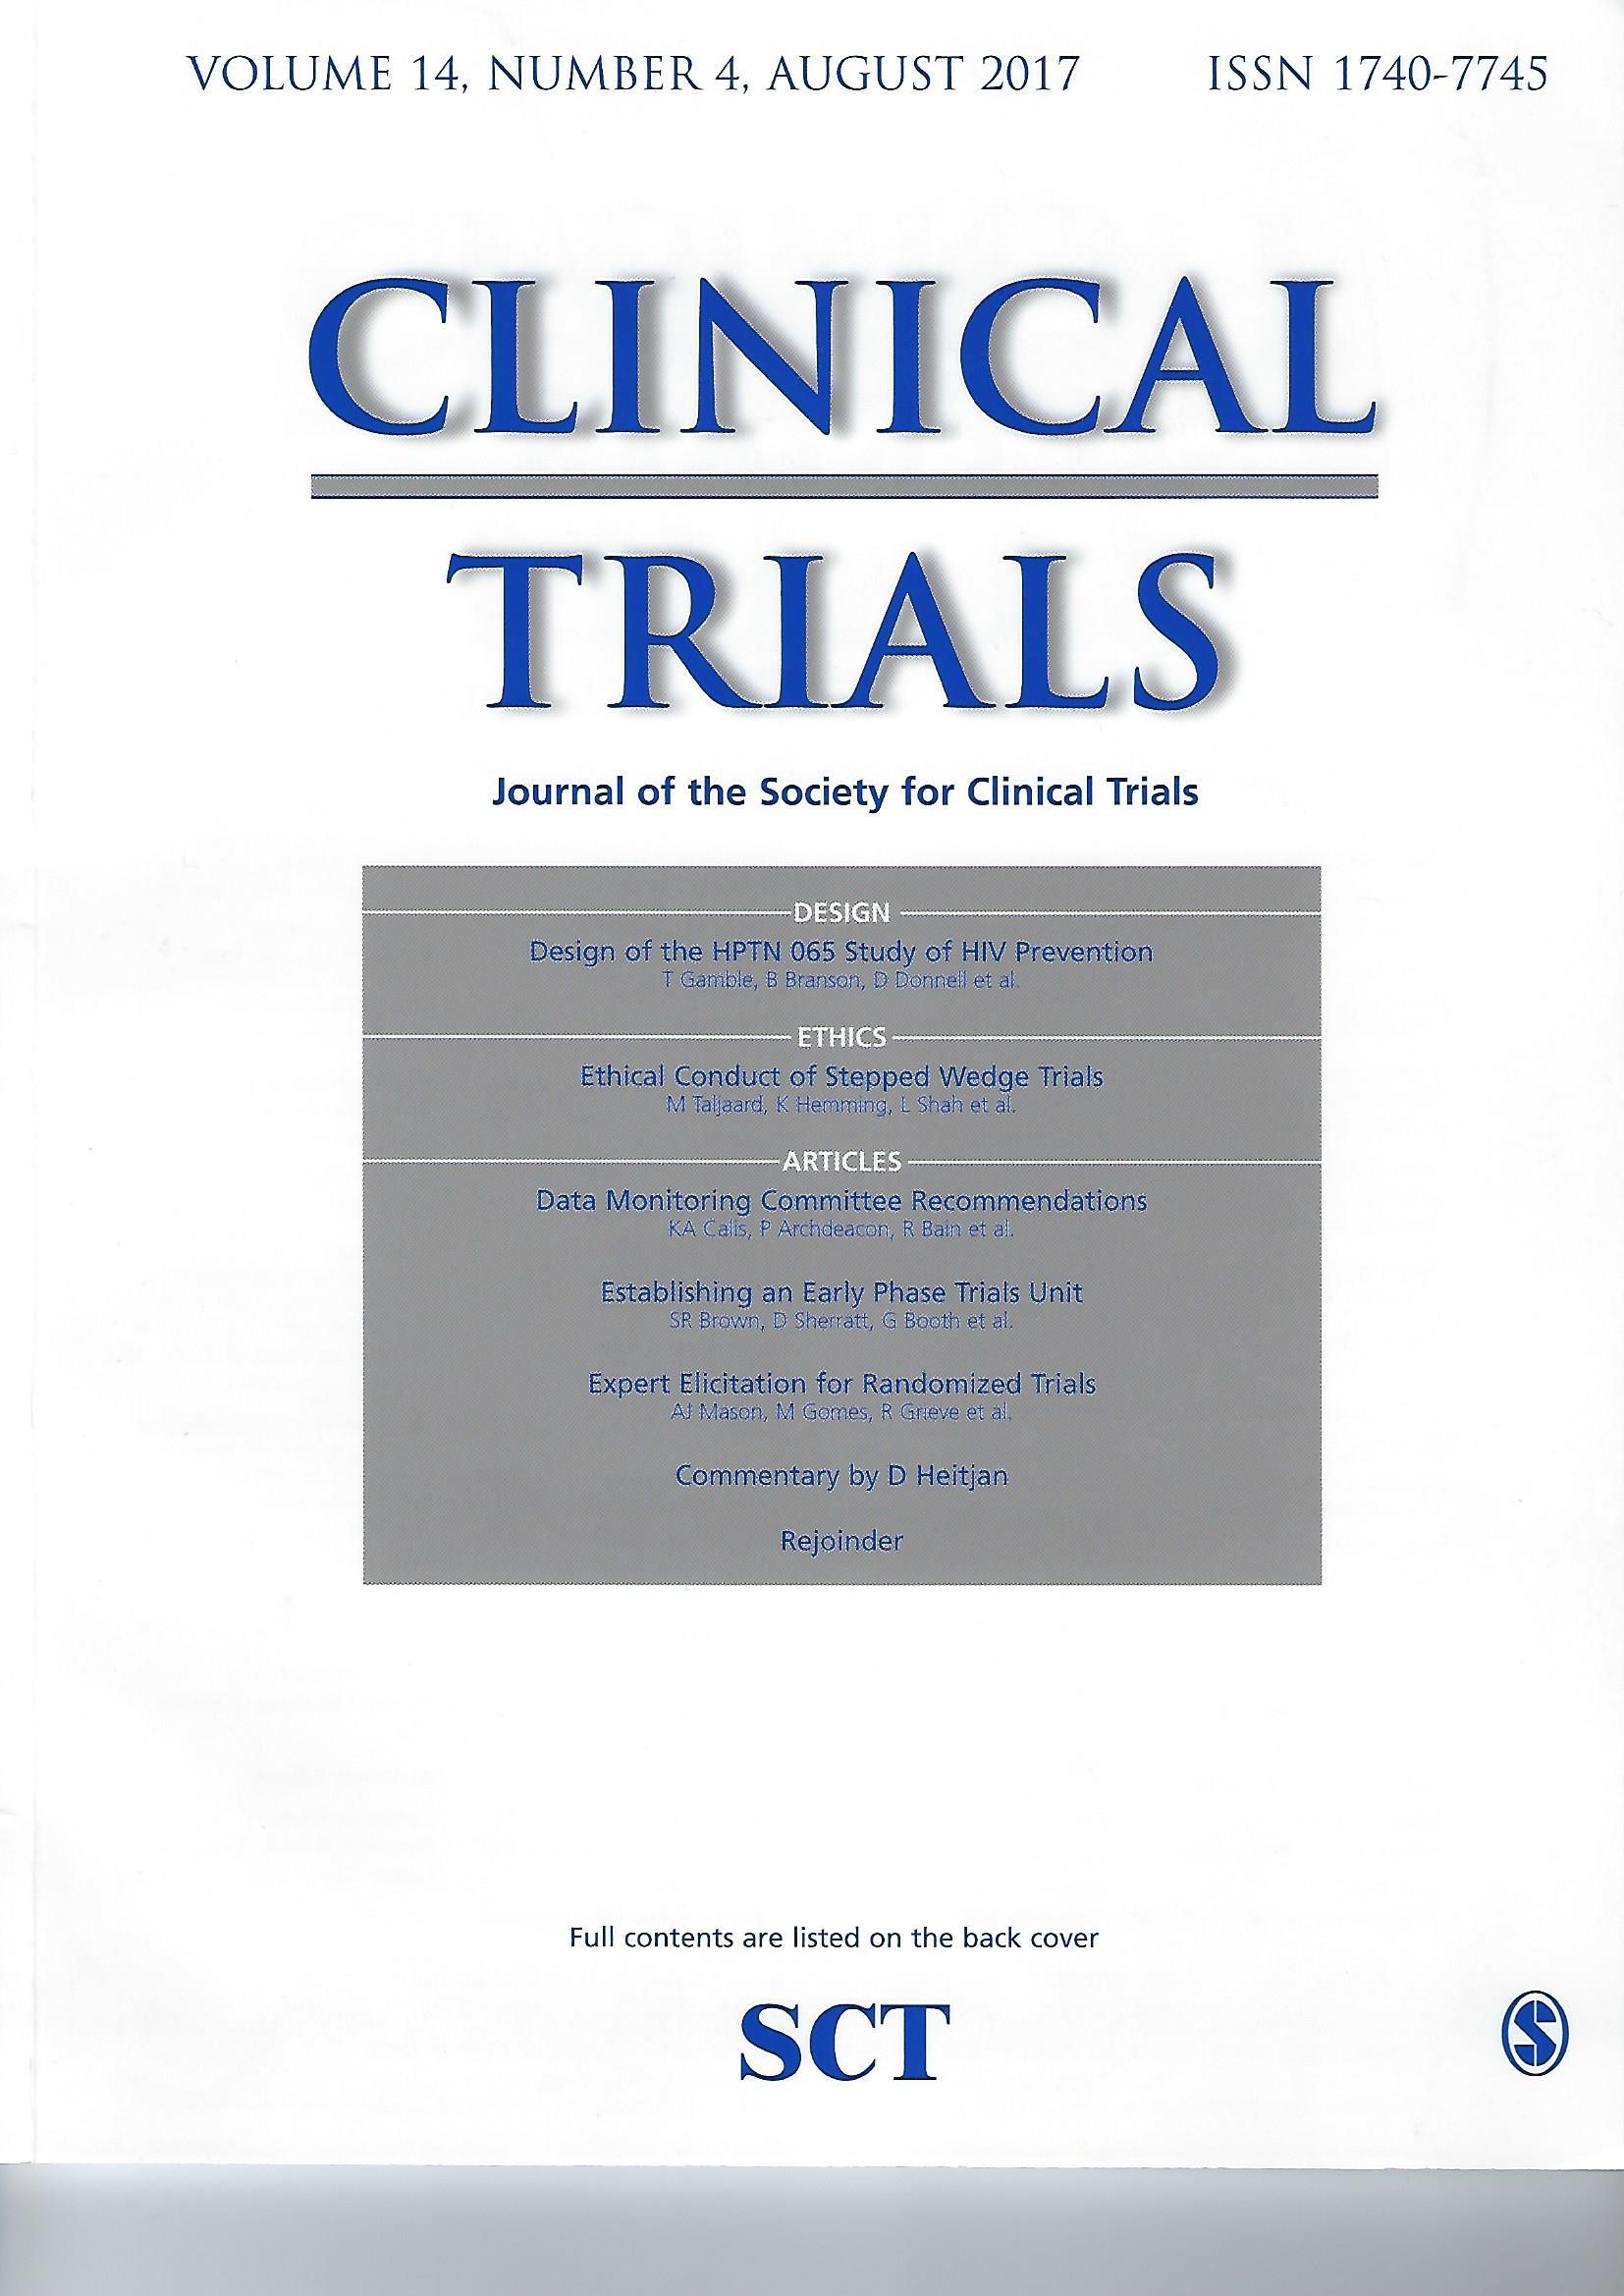 Mobile access to virtual randomization for investigator-initiated trials